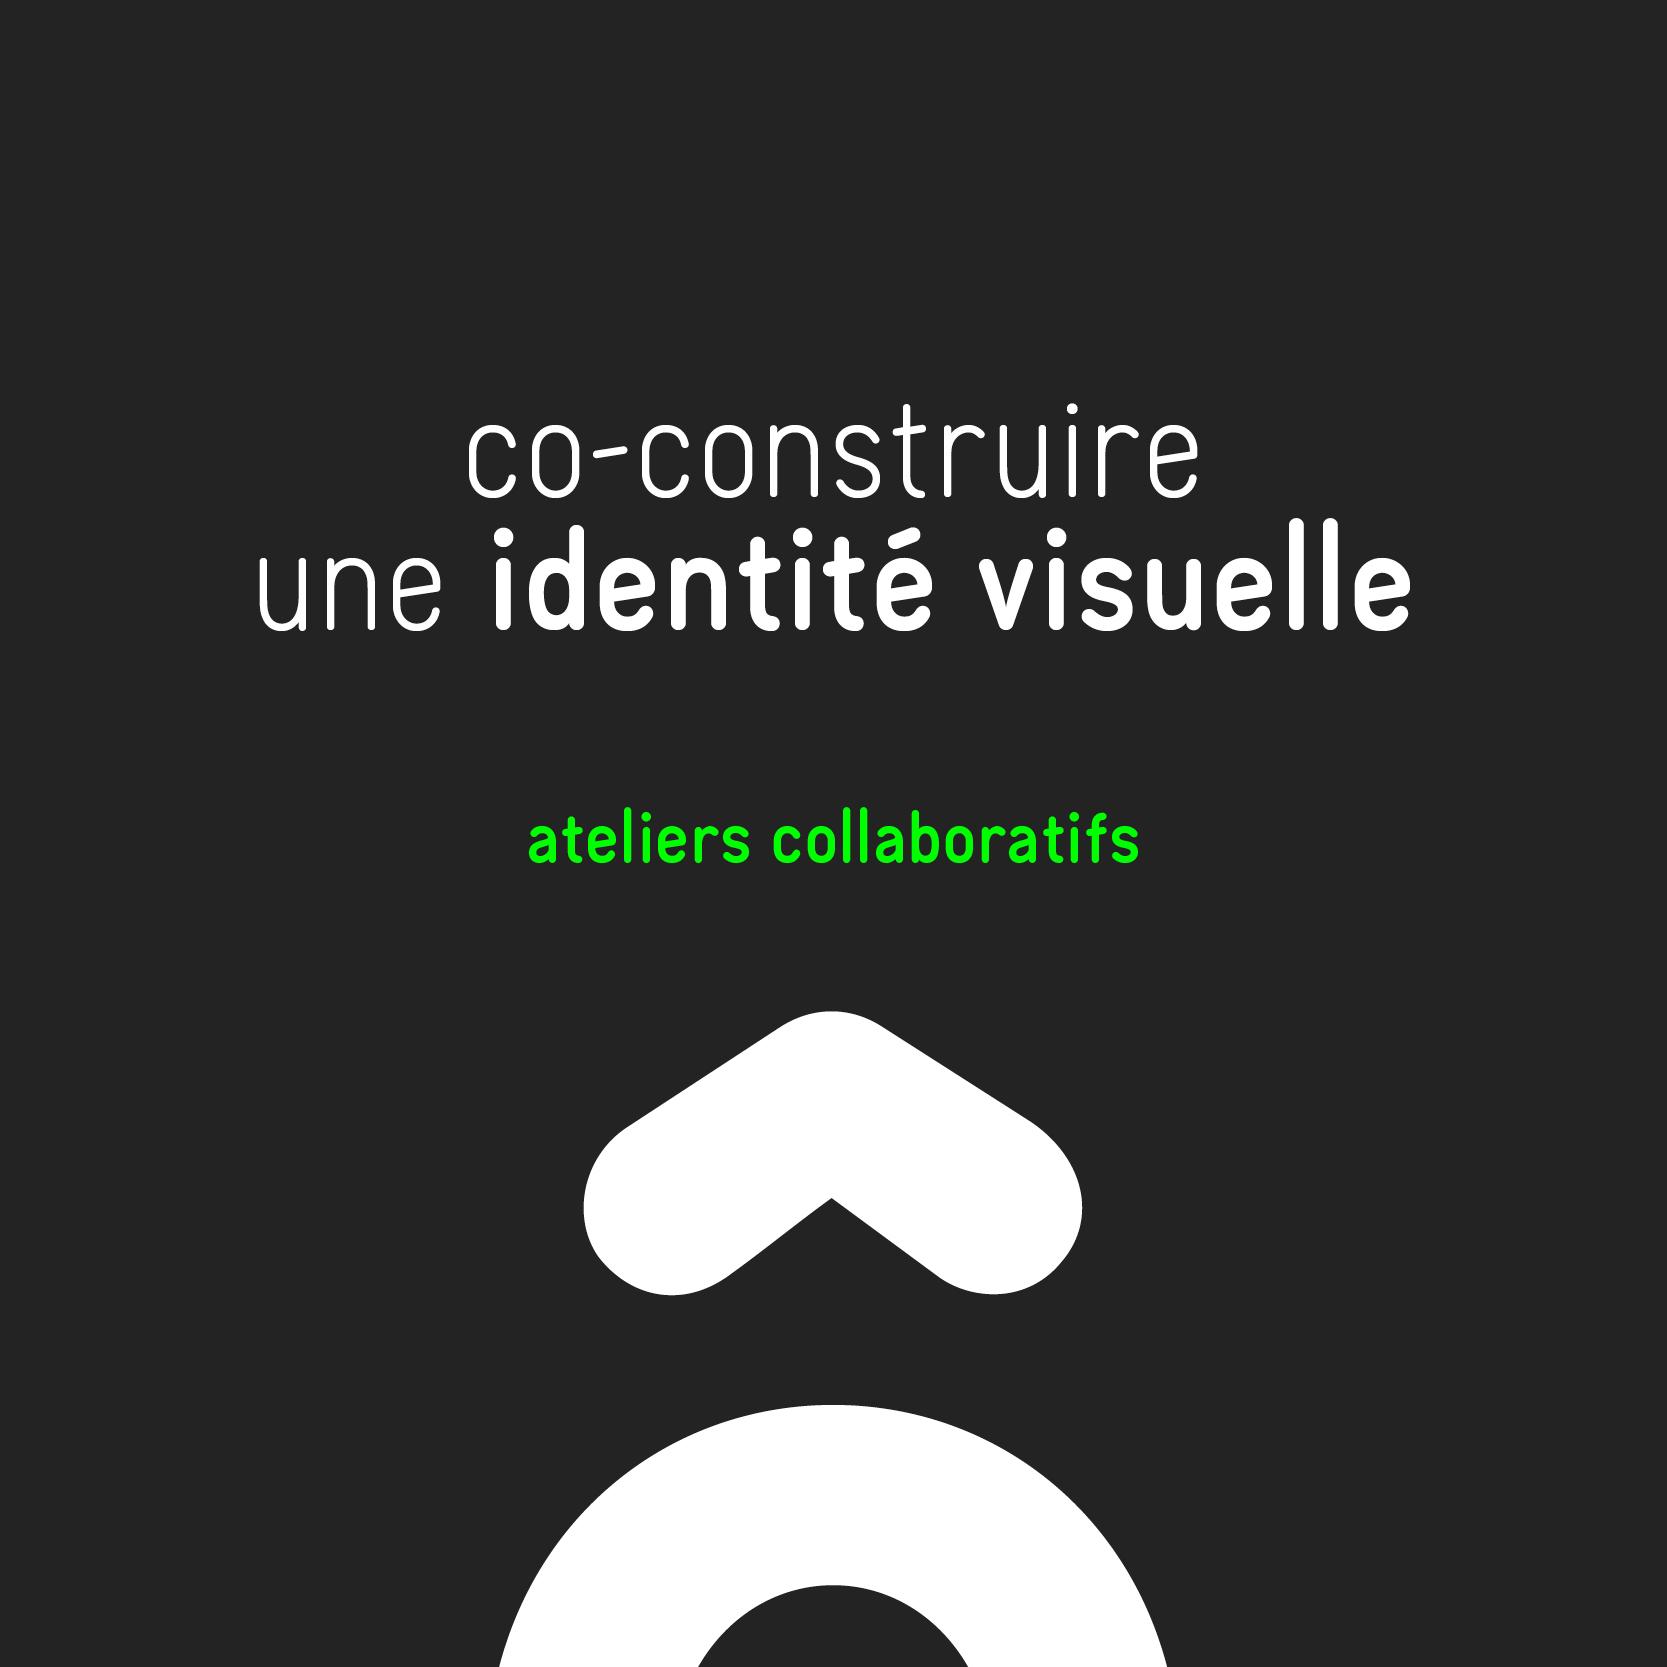 Co-construire une identité visuelle ateliers collaboratifs m'damcréation